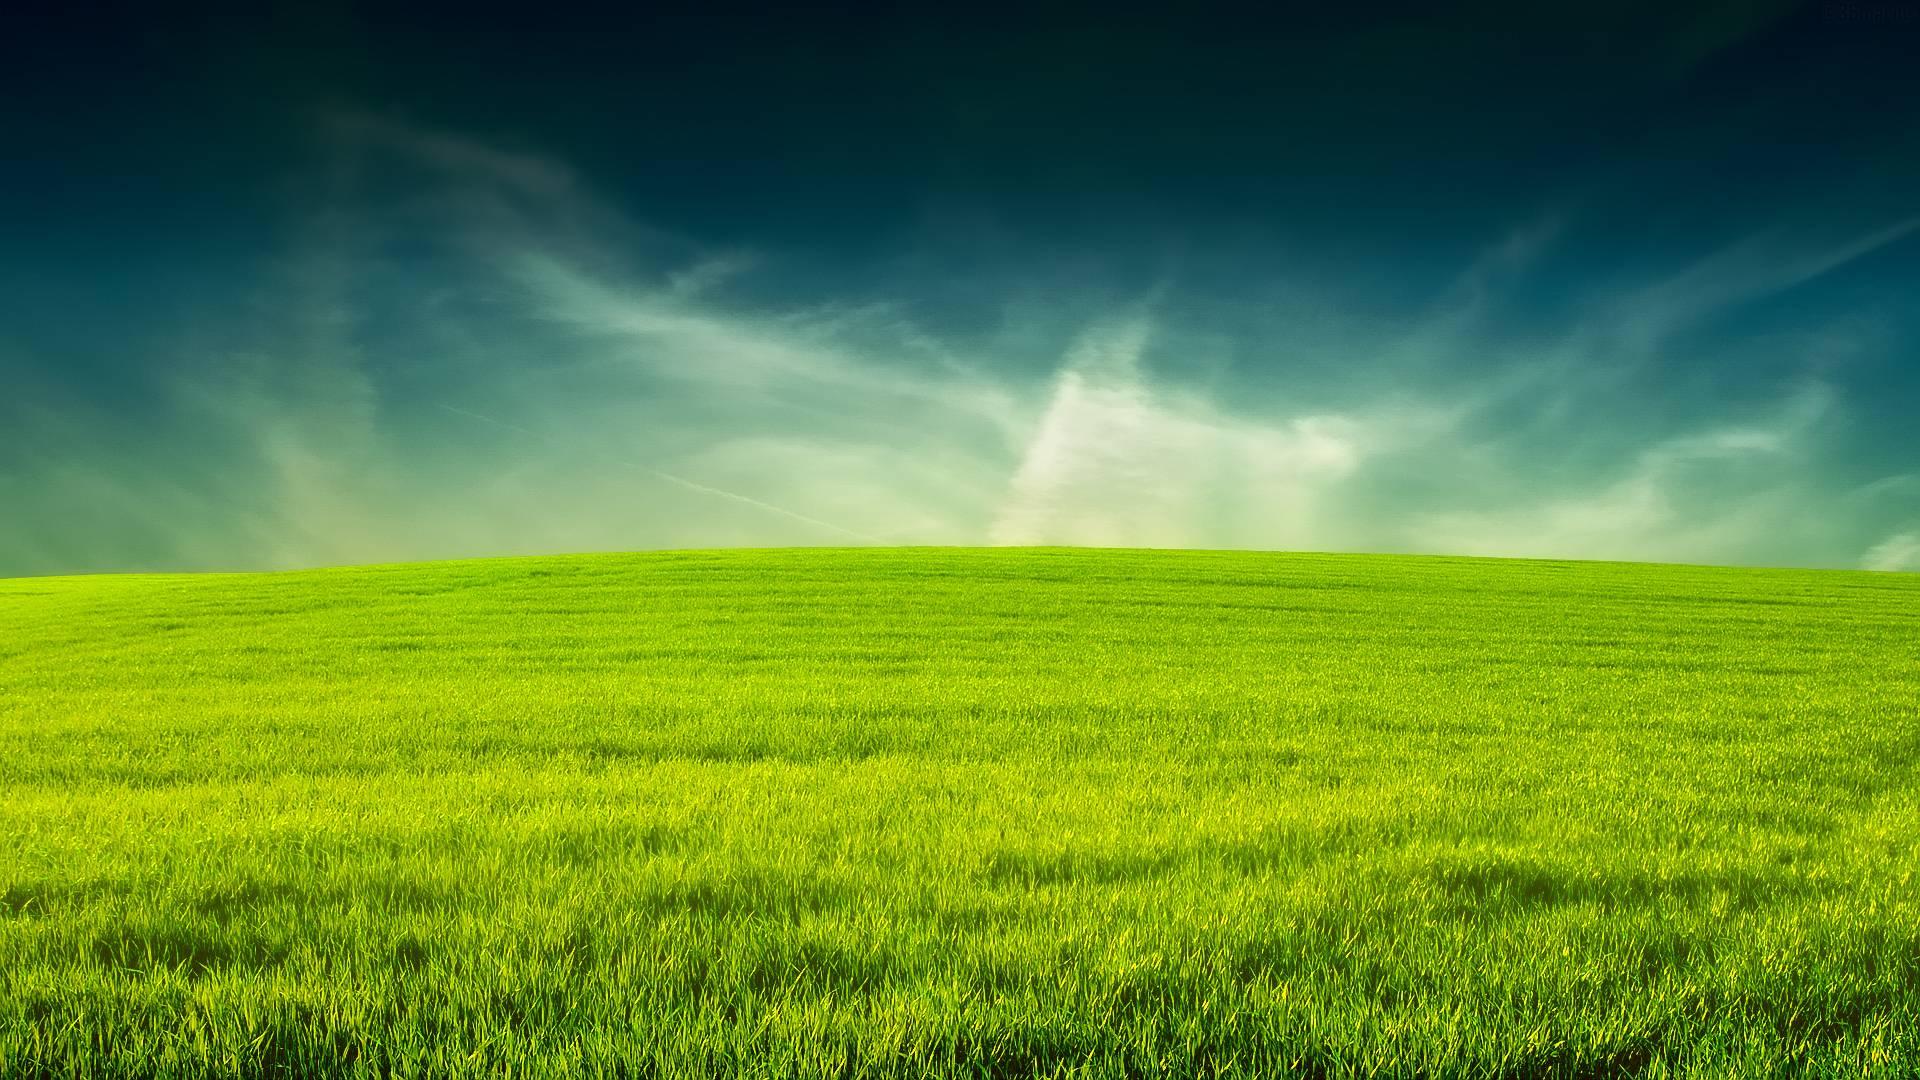 grass hd wallpapers p